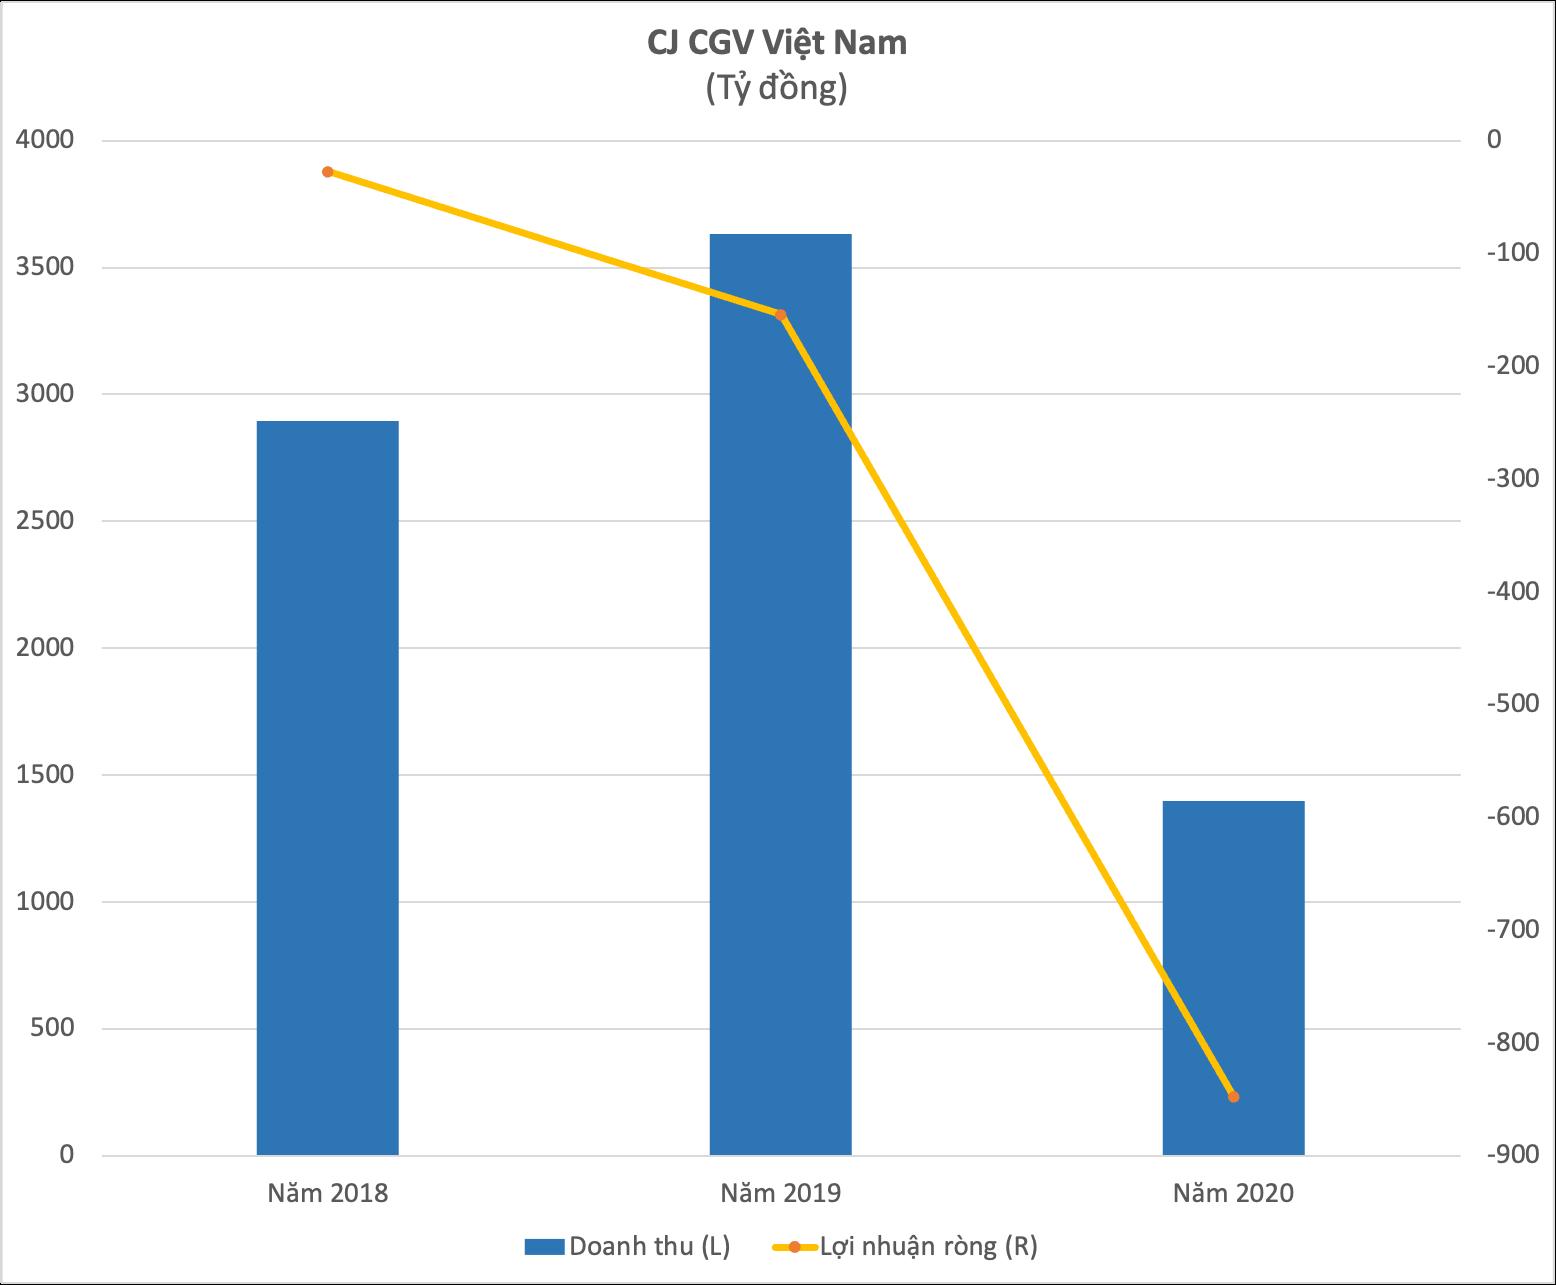 Bộ tứ rạp chiếu phim đồng thanh kêu cứu, riêng ông trùm CGV Việt Nam nắm hơn một nửa thị phần đã lỗ hơn 850 tỷ đồng năm 2020 - Ảnh 1.